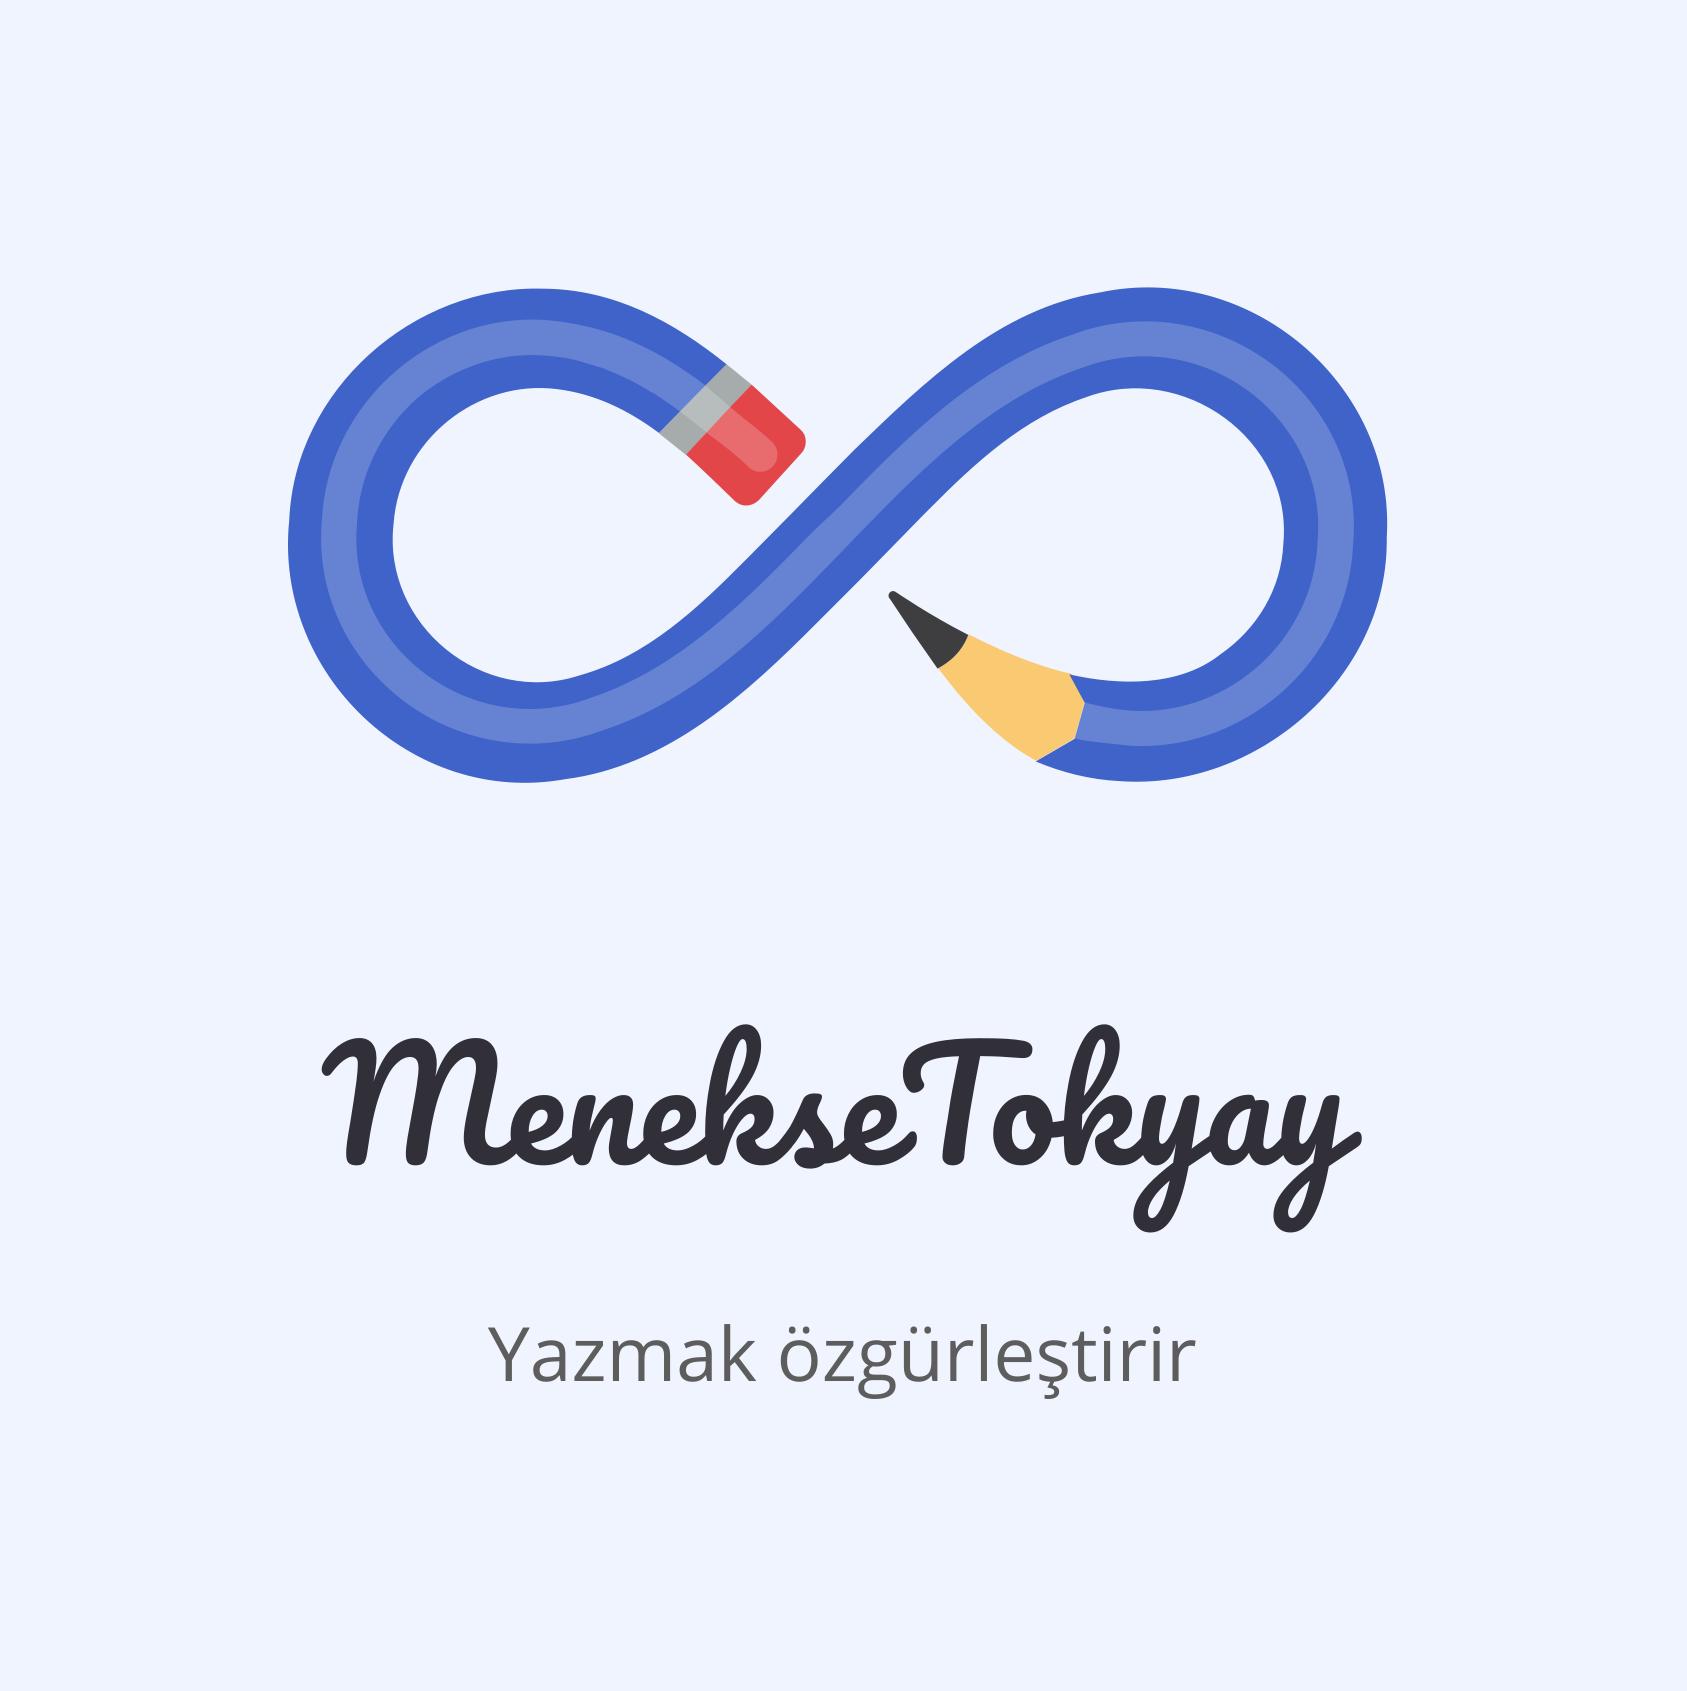 Menekşe Tokyay'ın kaleminden